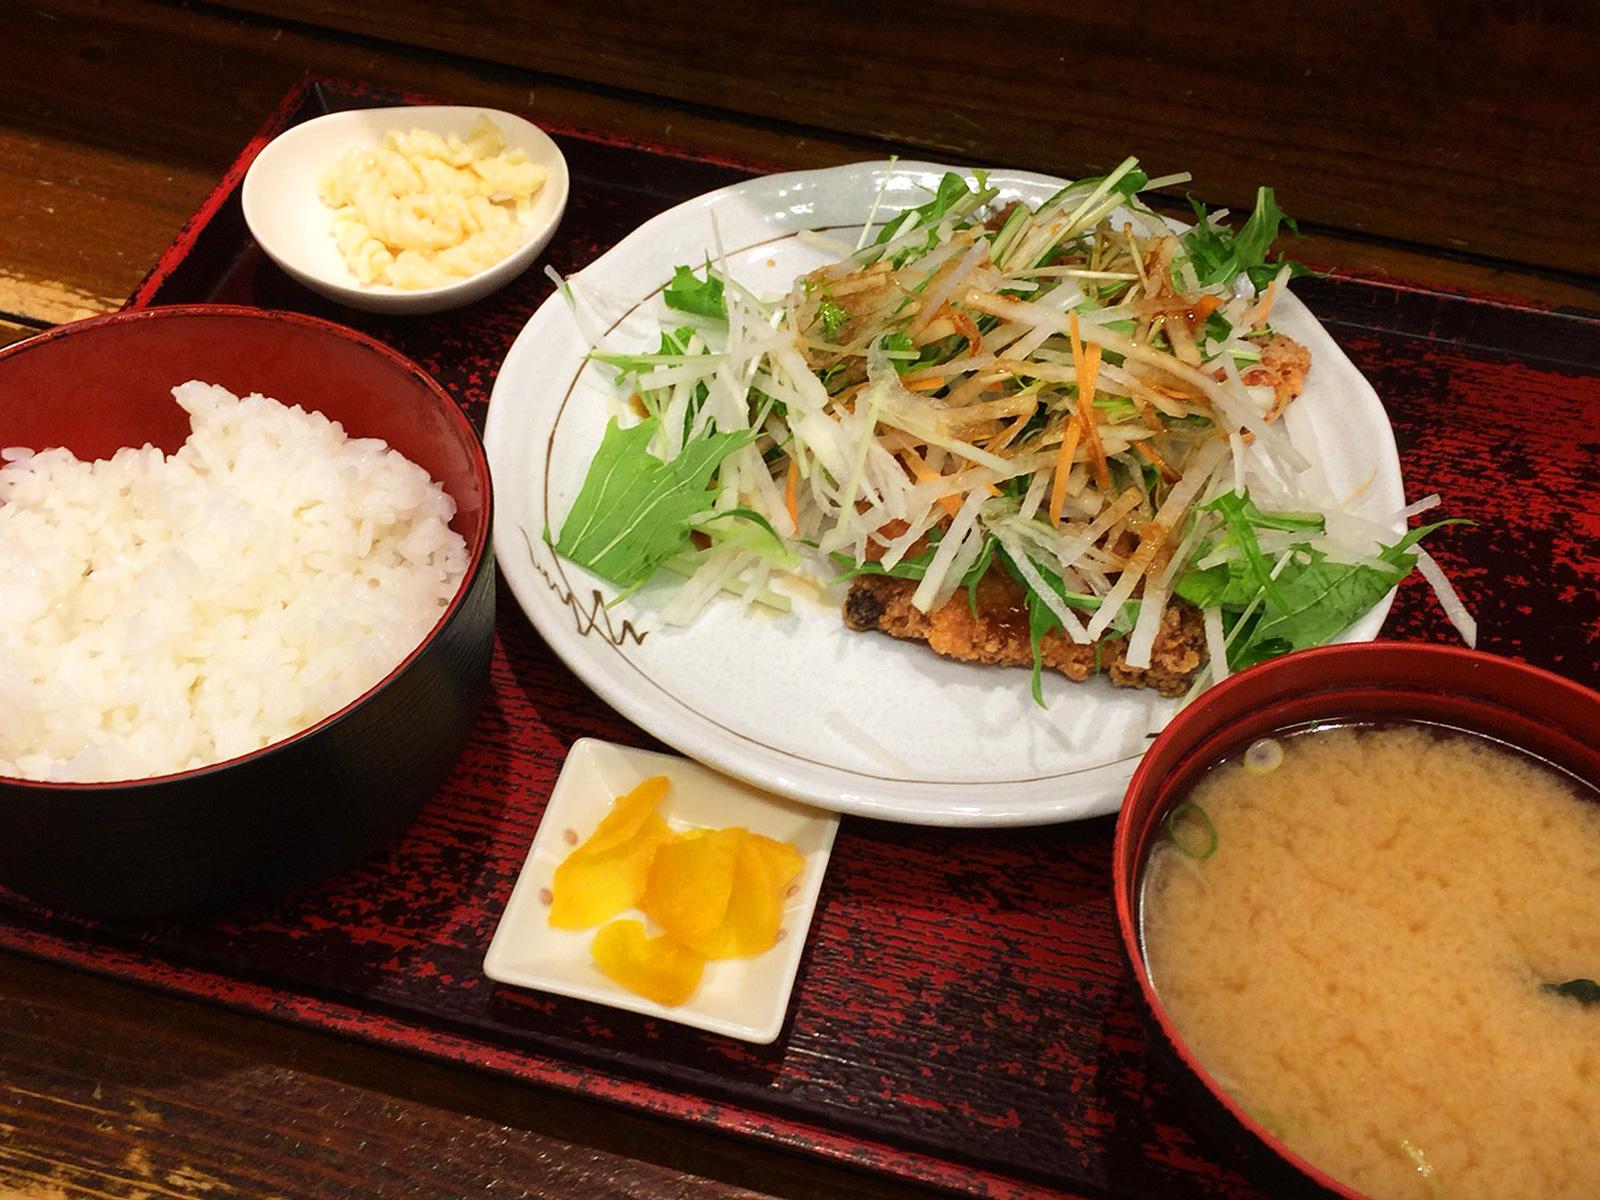 「たすいち 名駅店」のカジキマグロの香味揚げ定食 @名駅